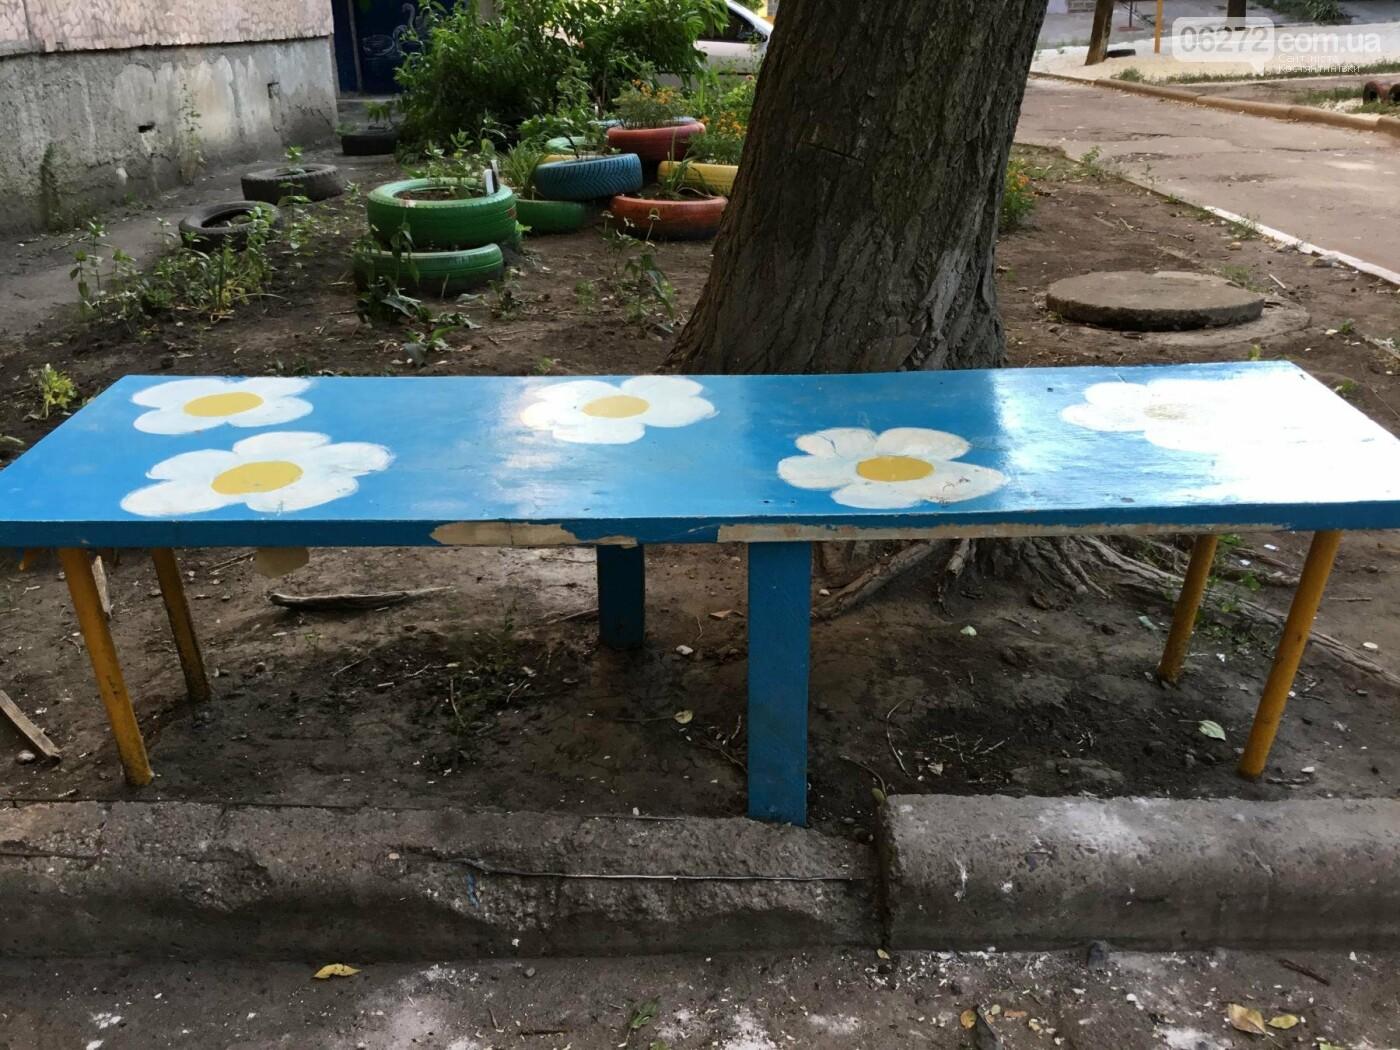 В Константиновке по ул. Безнощенко молодежь сделала спортивную площадку для детей, фото-17